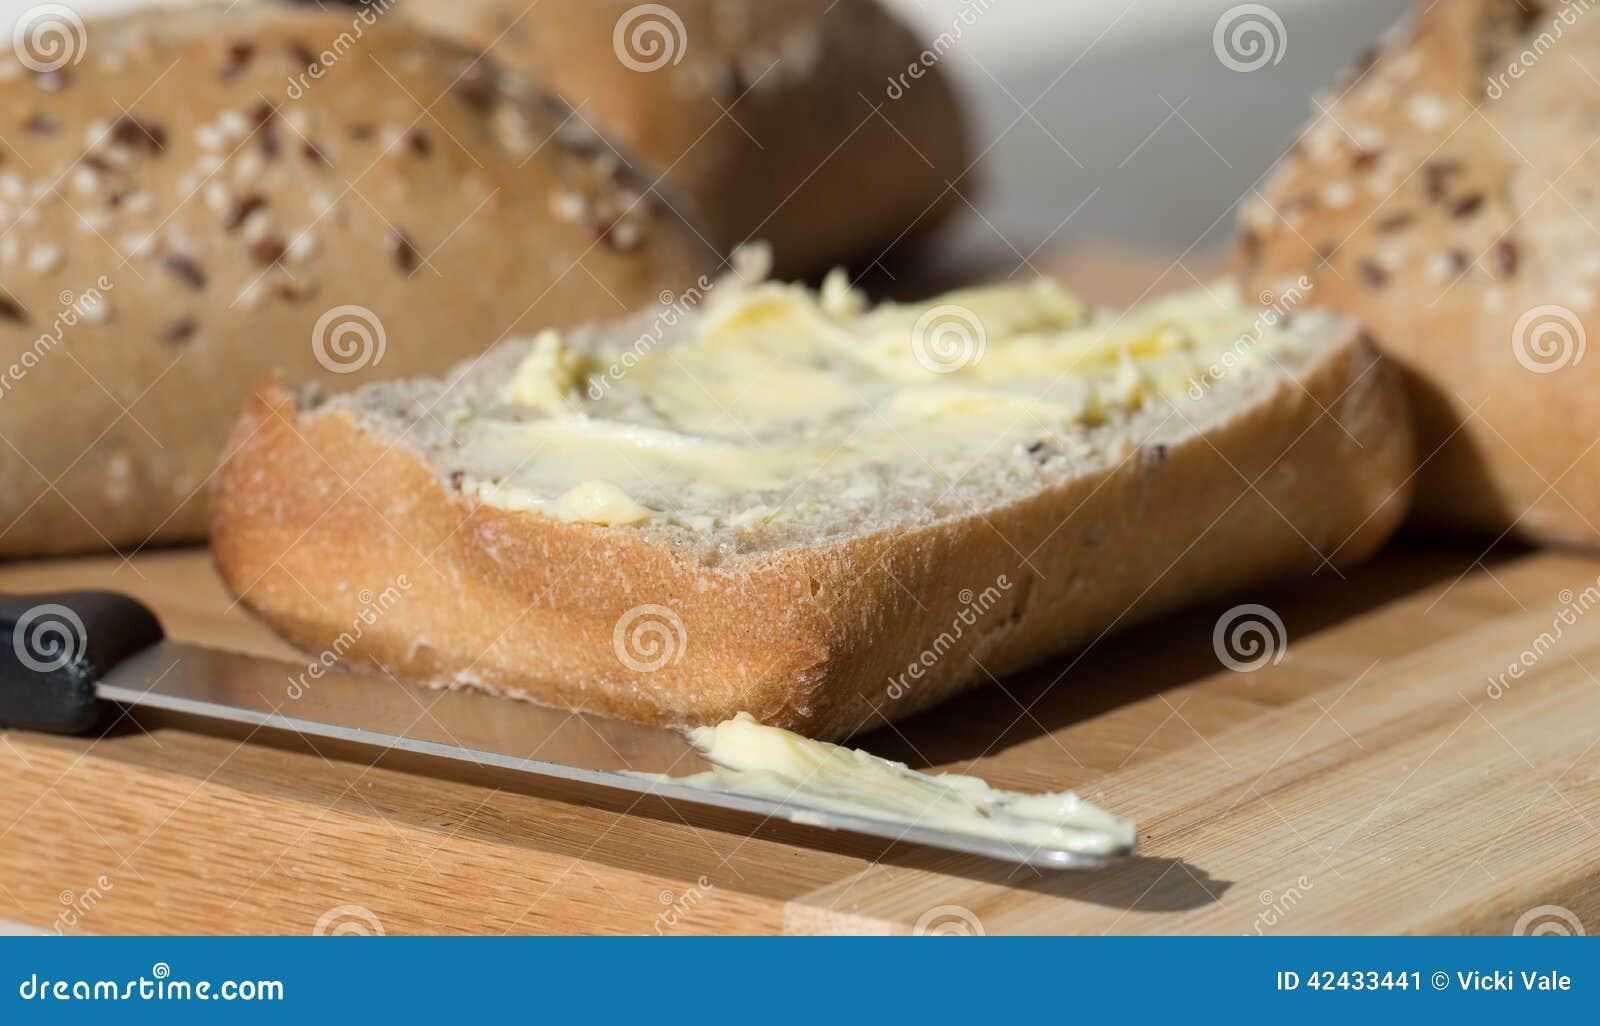 Mitad de Ciabatta de un rollo de pan untado con mantequilla con el cuchillo